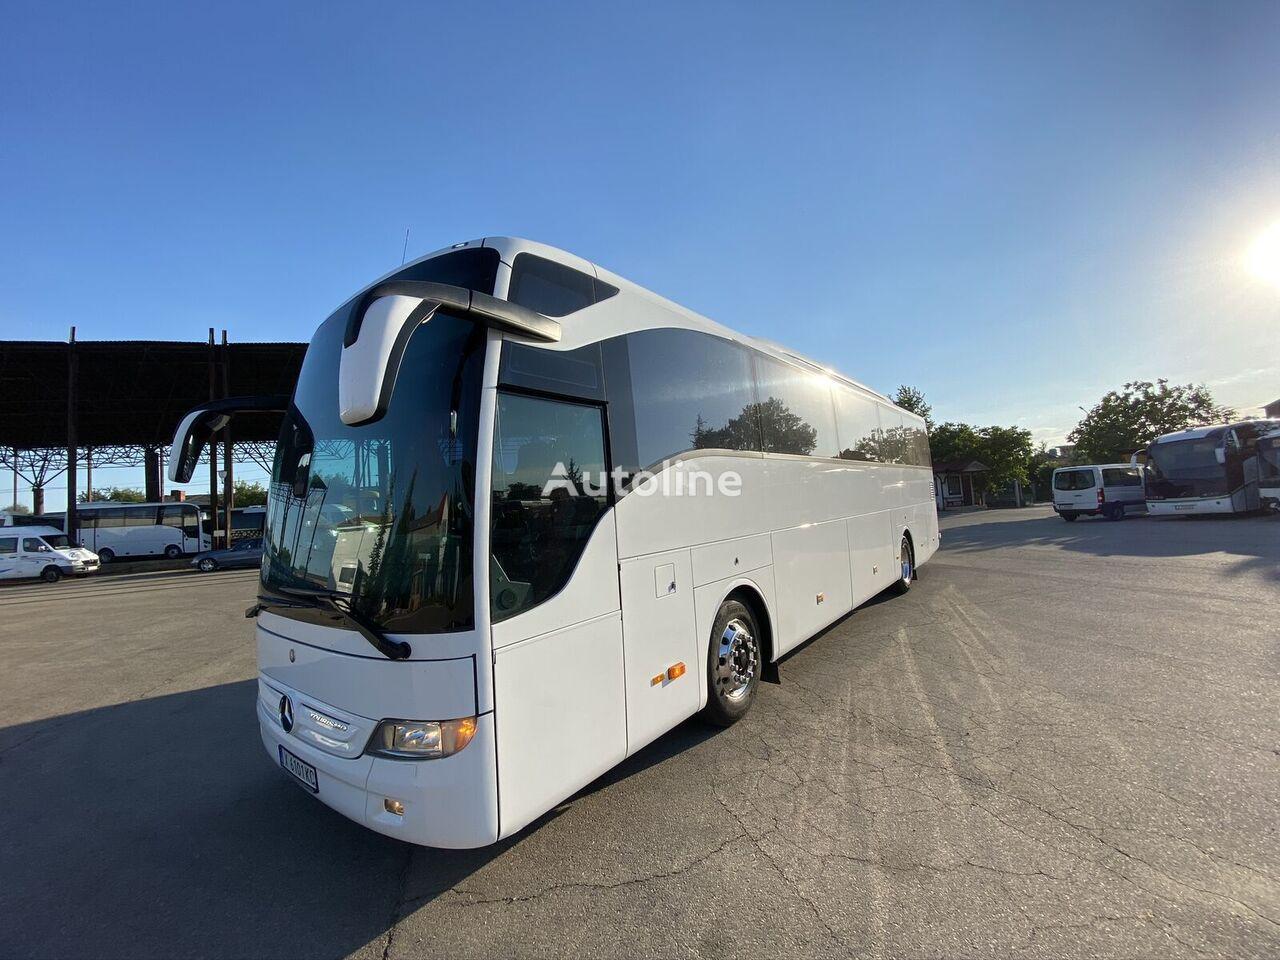 MERCEDES-BENZ Tourismo M2 15 RHD coach bus